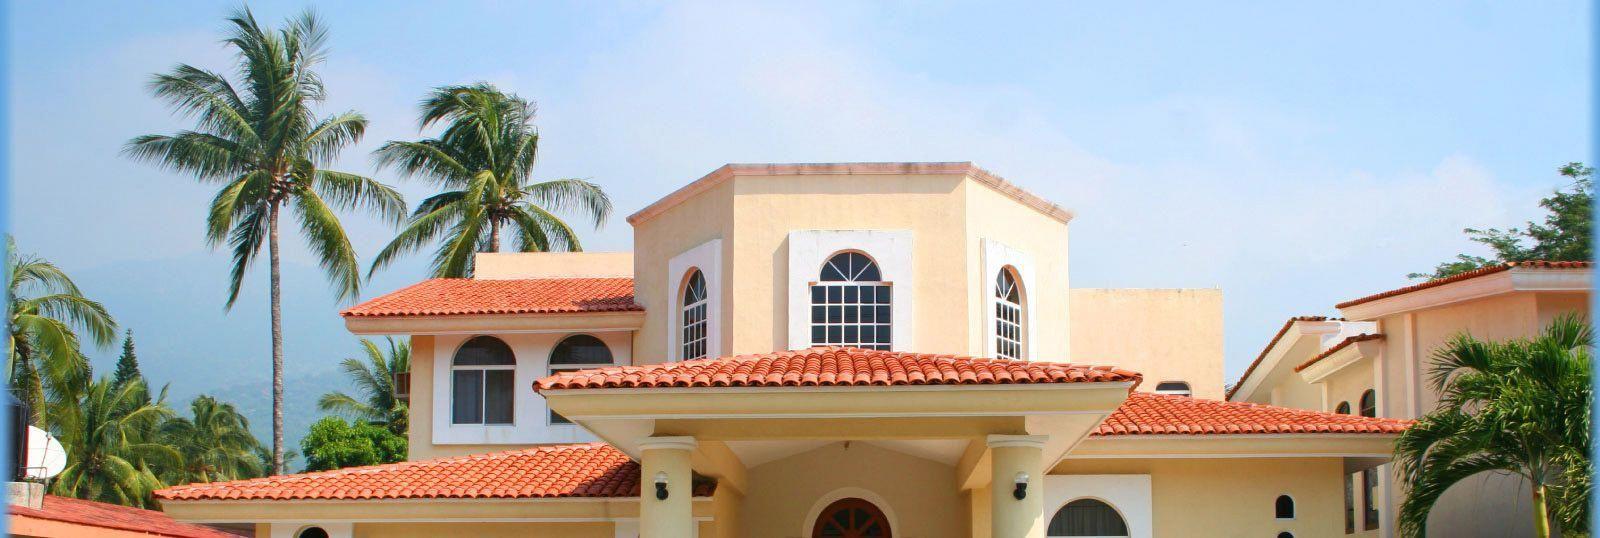 Fort Lauderdale Roofing Roof Repair Coral Springs Roof Restoration Roofing Fort Lauderdale